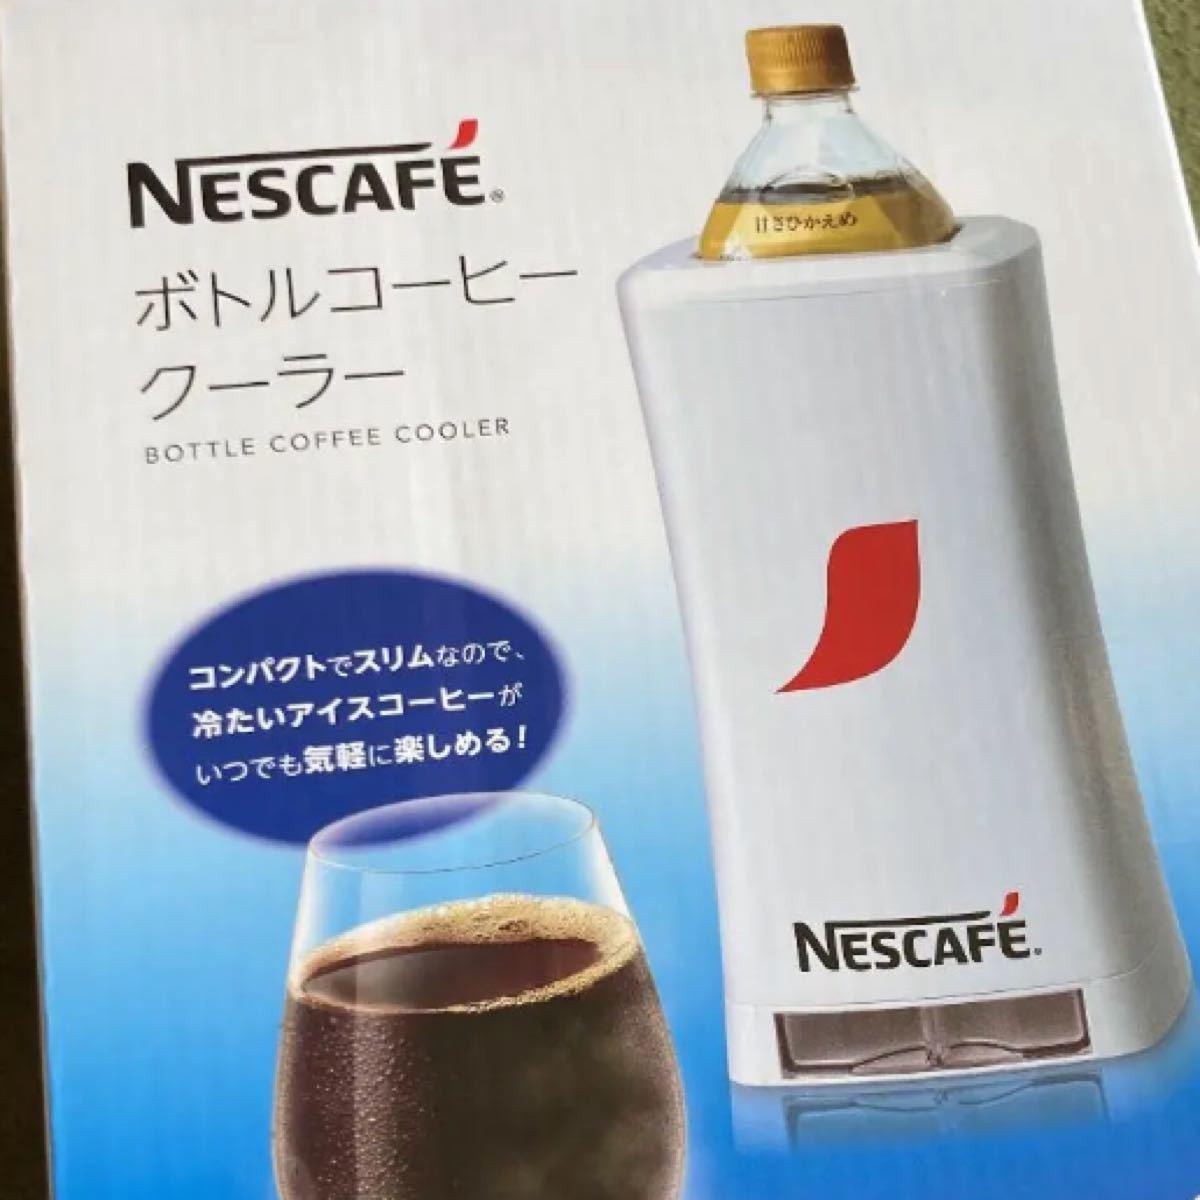 ネスカフェ ボトルコーヒー 専用クルーラー